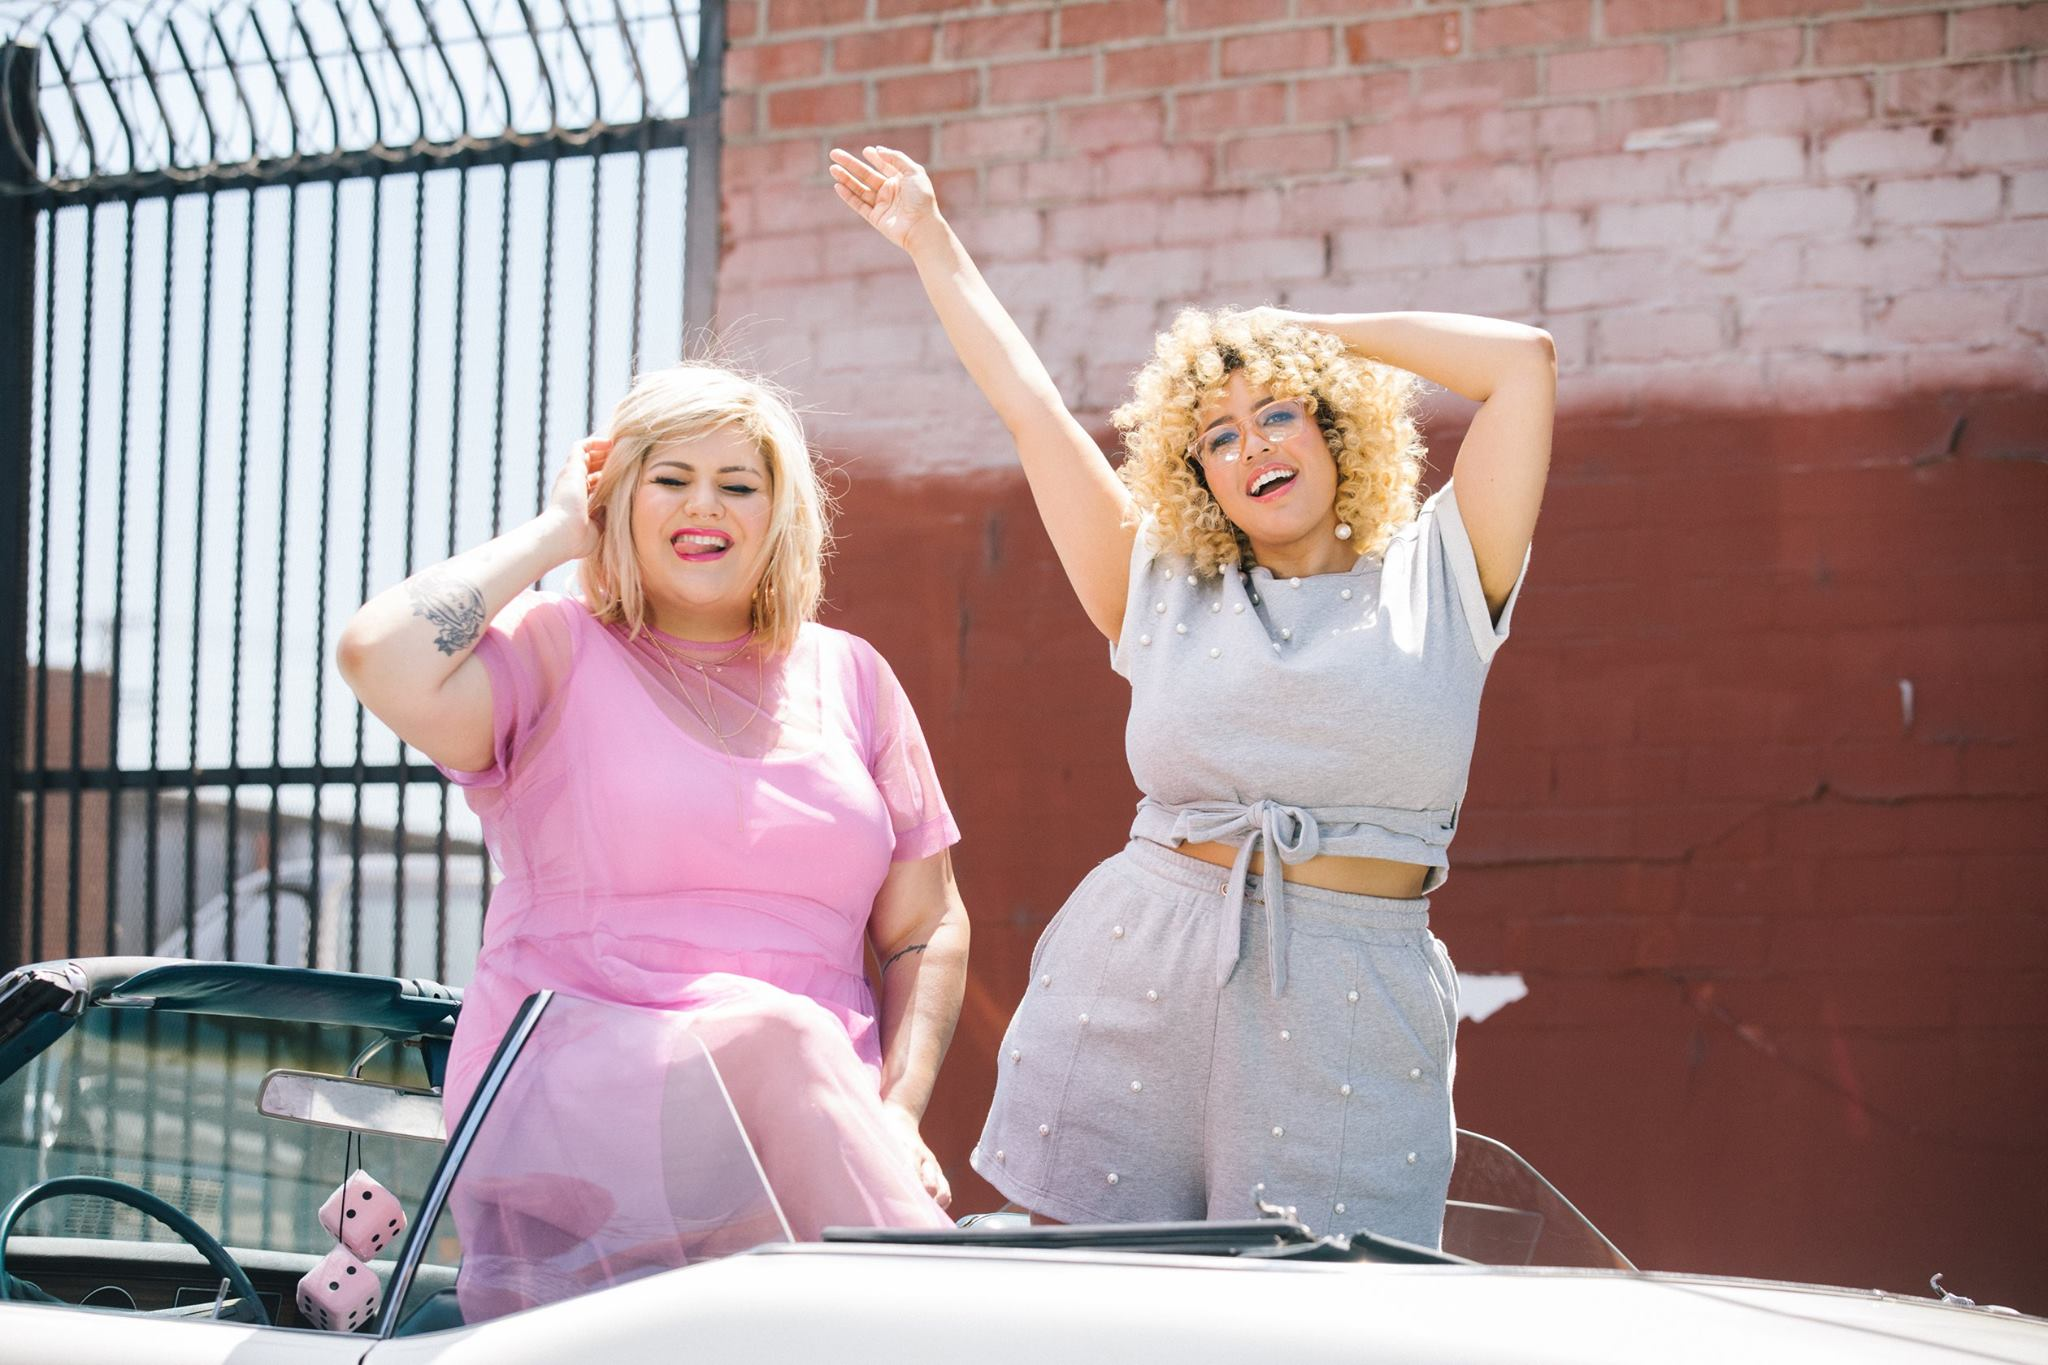 Η Premme είναι μία καινούρια μάρκα που ιδρύθηκε από τις fashion bloggers  Nicolette Mason και Gabi Gregg. Αν θέλεις το στιλ σου να έχει μία αύρα που  θυμίζει ... 271abe48650